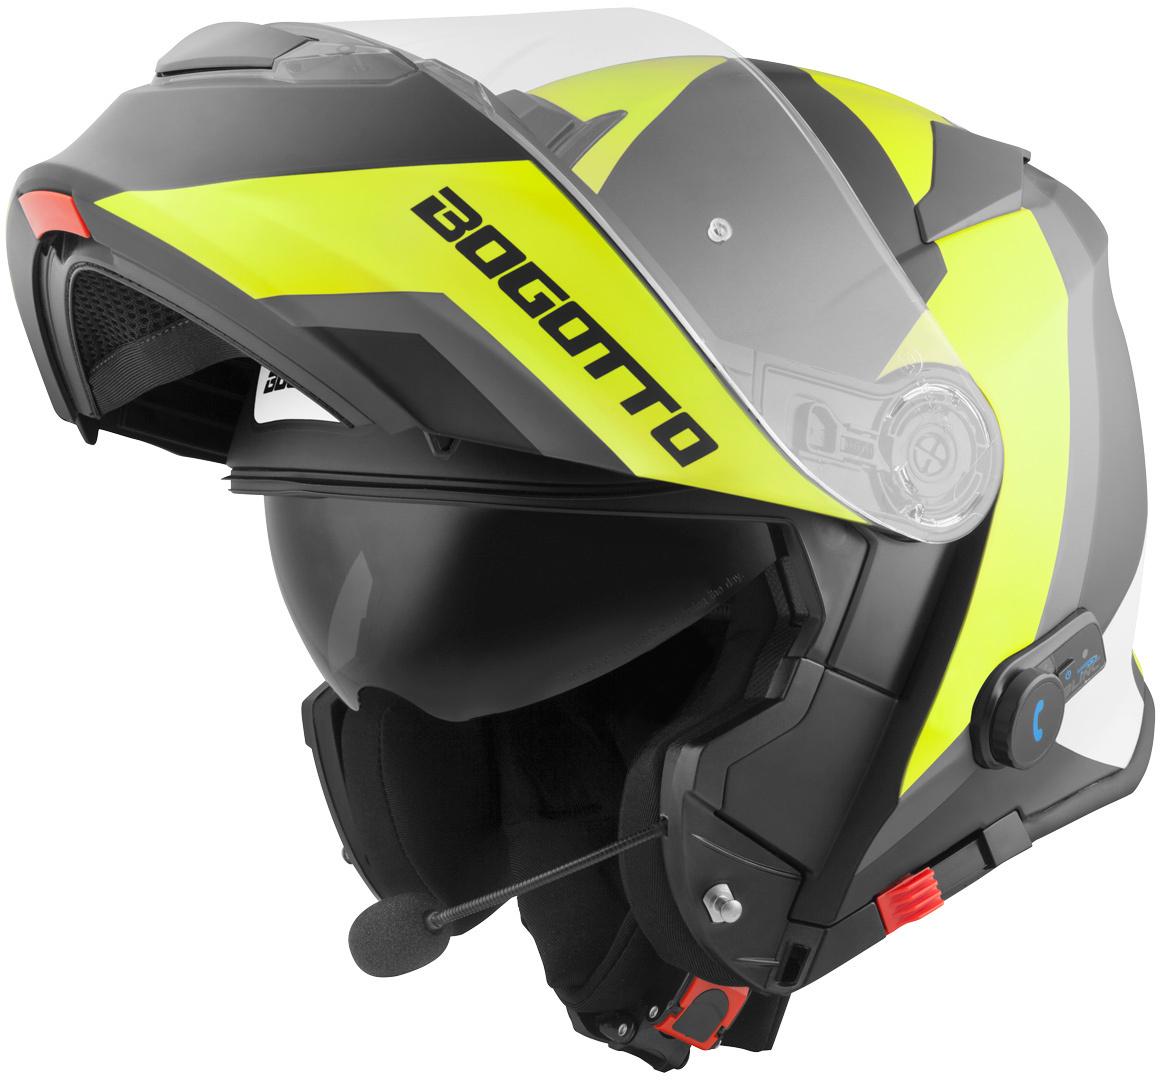 Bogotto V271 BT Zabu Bluetooth Klapphelm, schwarz-gelb, Größe XS, schwarz-gelb, Größe XS